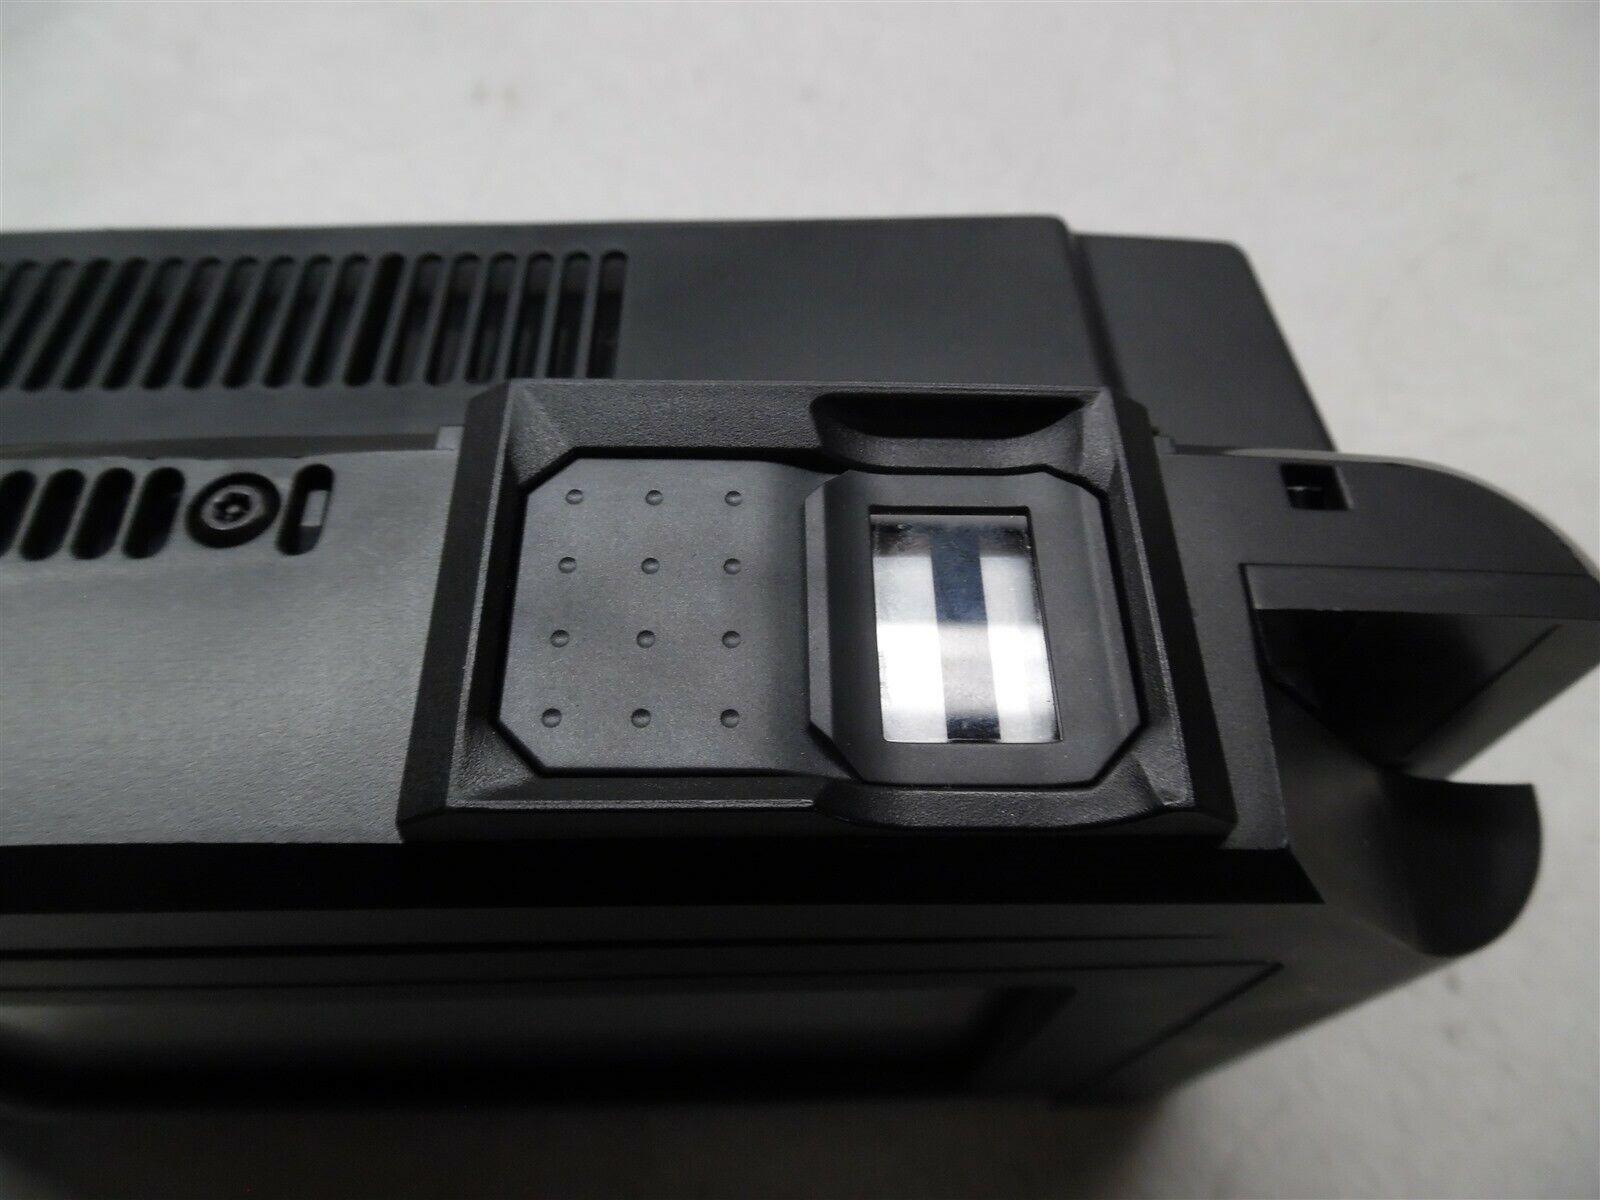 alpha-ene.co.jp Renewed Kronos InTouch 9100 8609100-008 ...